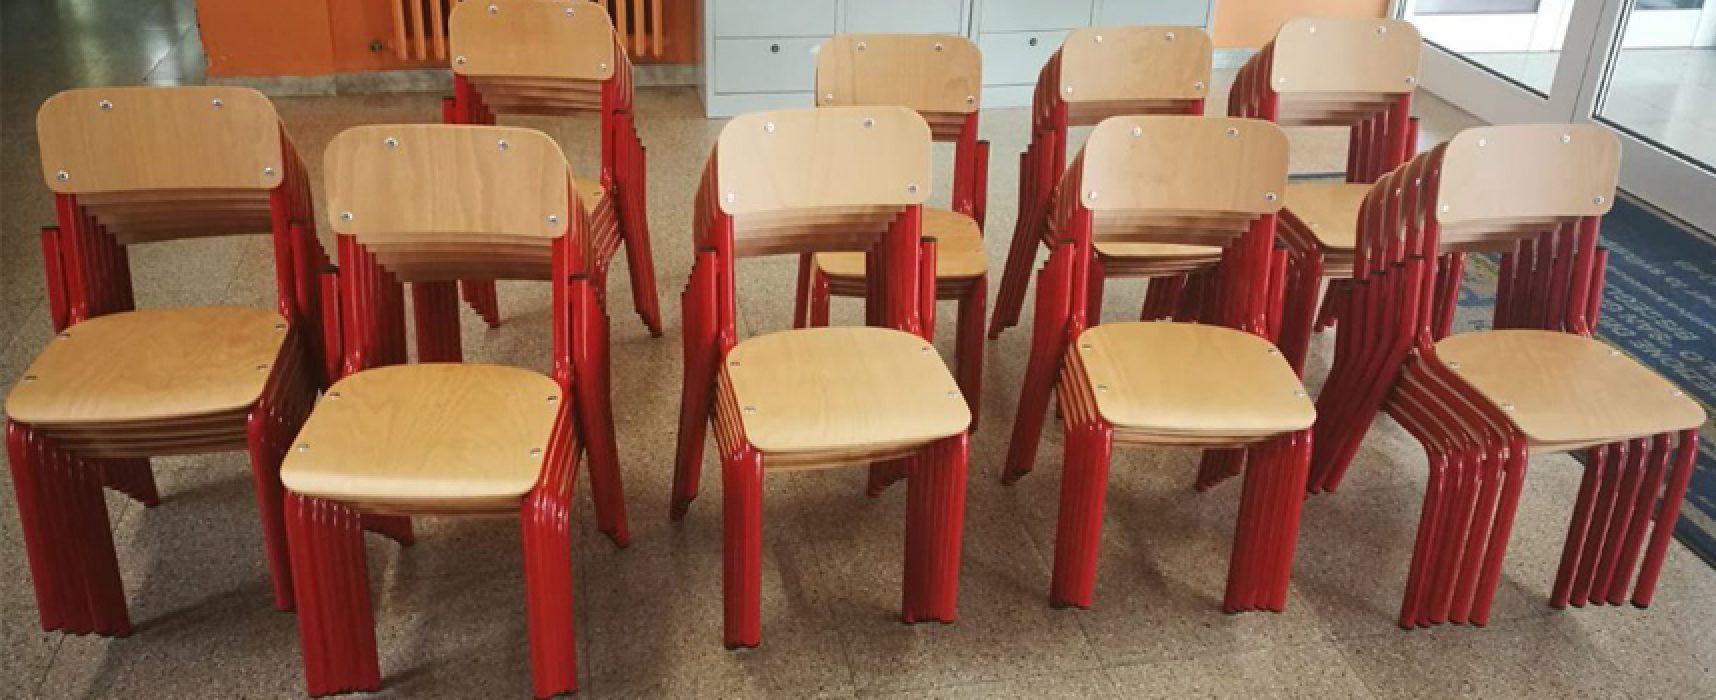 Scuola: consegnati banchi, sedie e attrezzature alle scuole elementari e medie